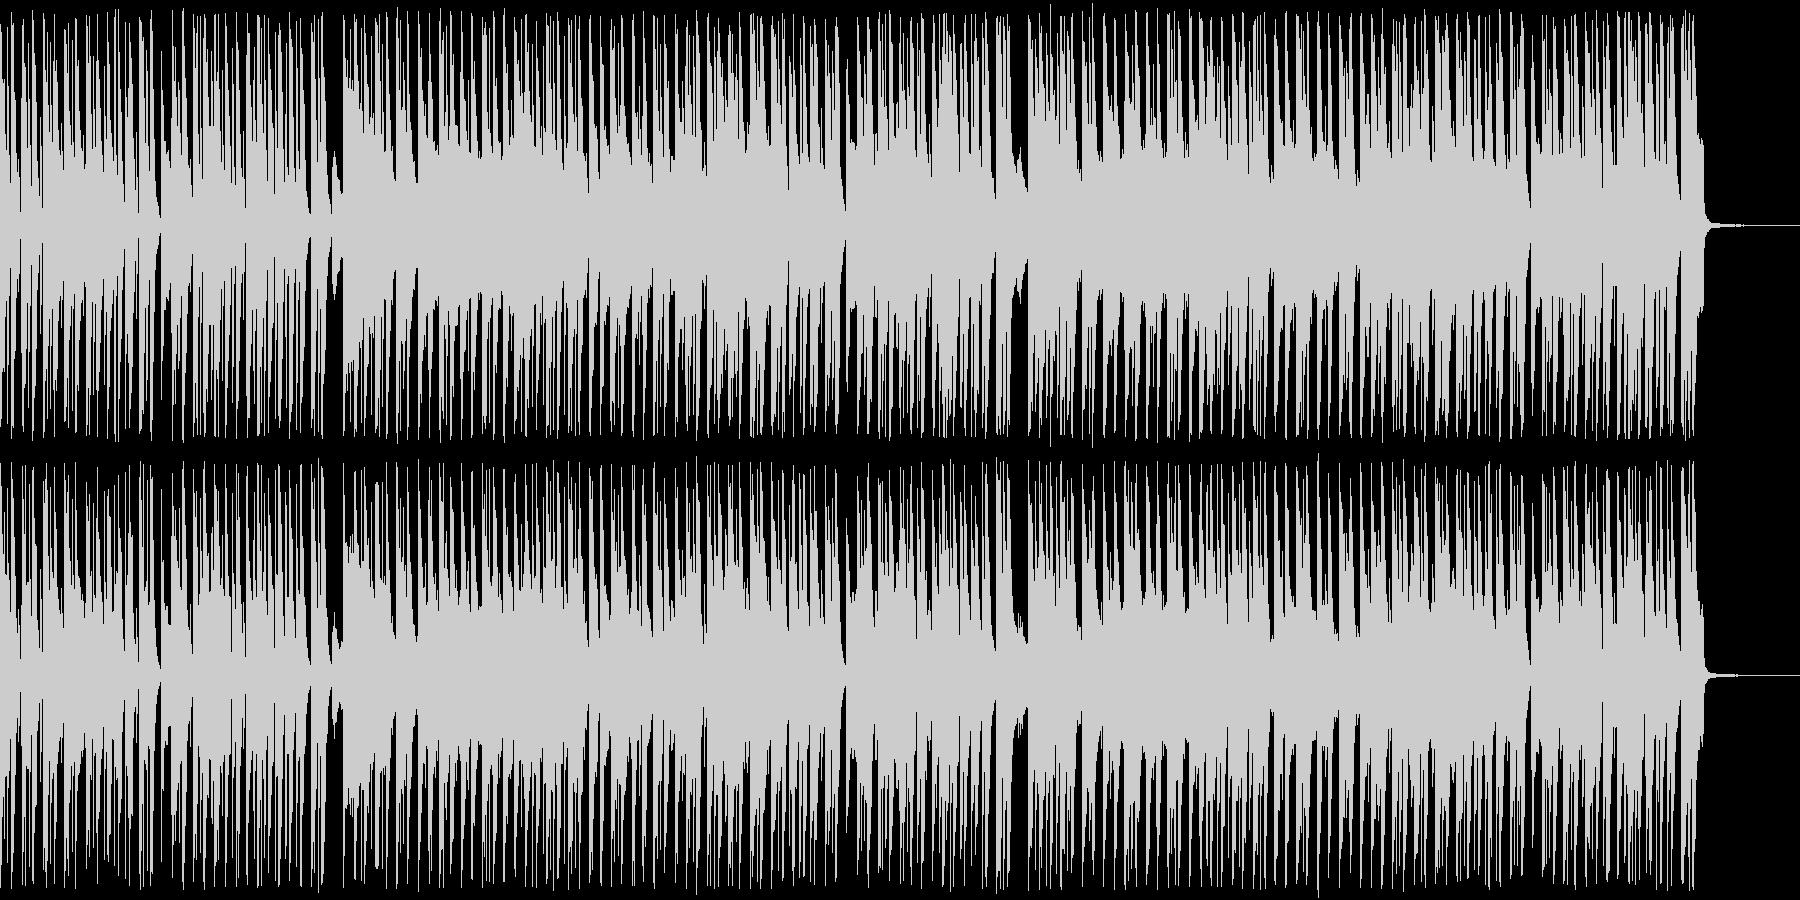 ほのぼのゆったりしたコミカルアンサンブルの未再生の波形